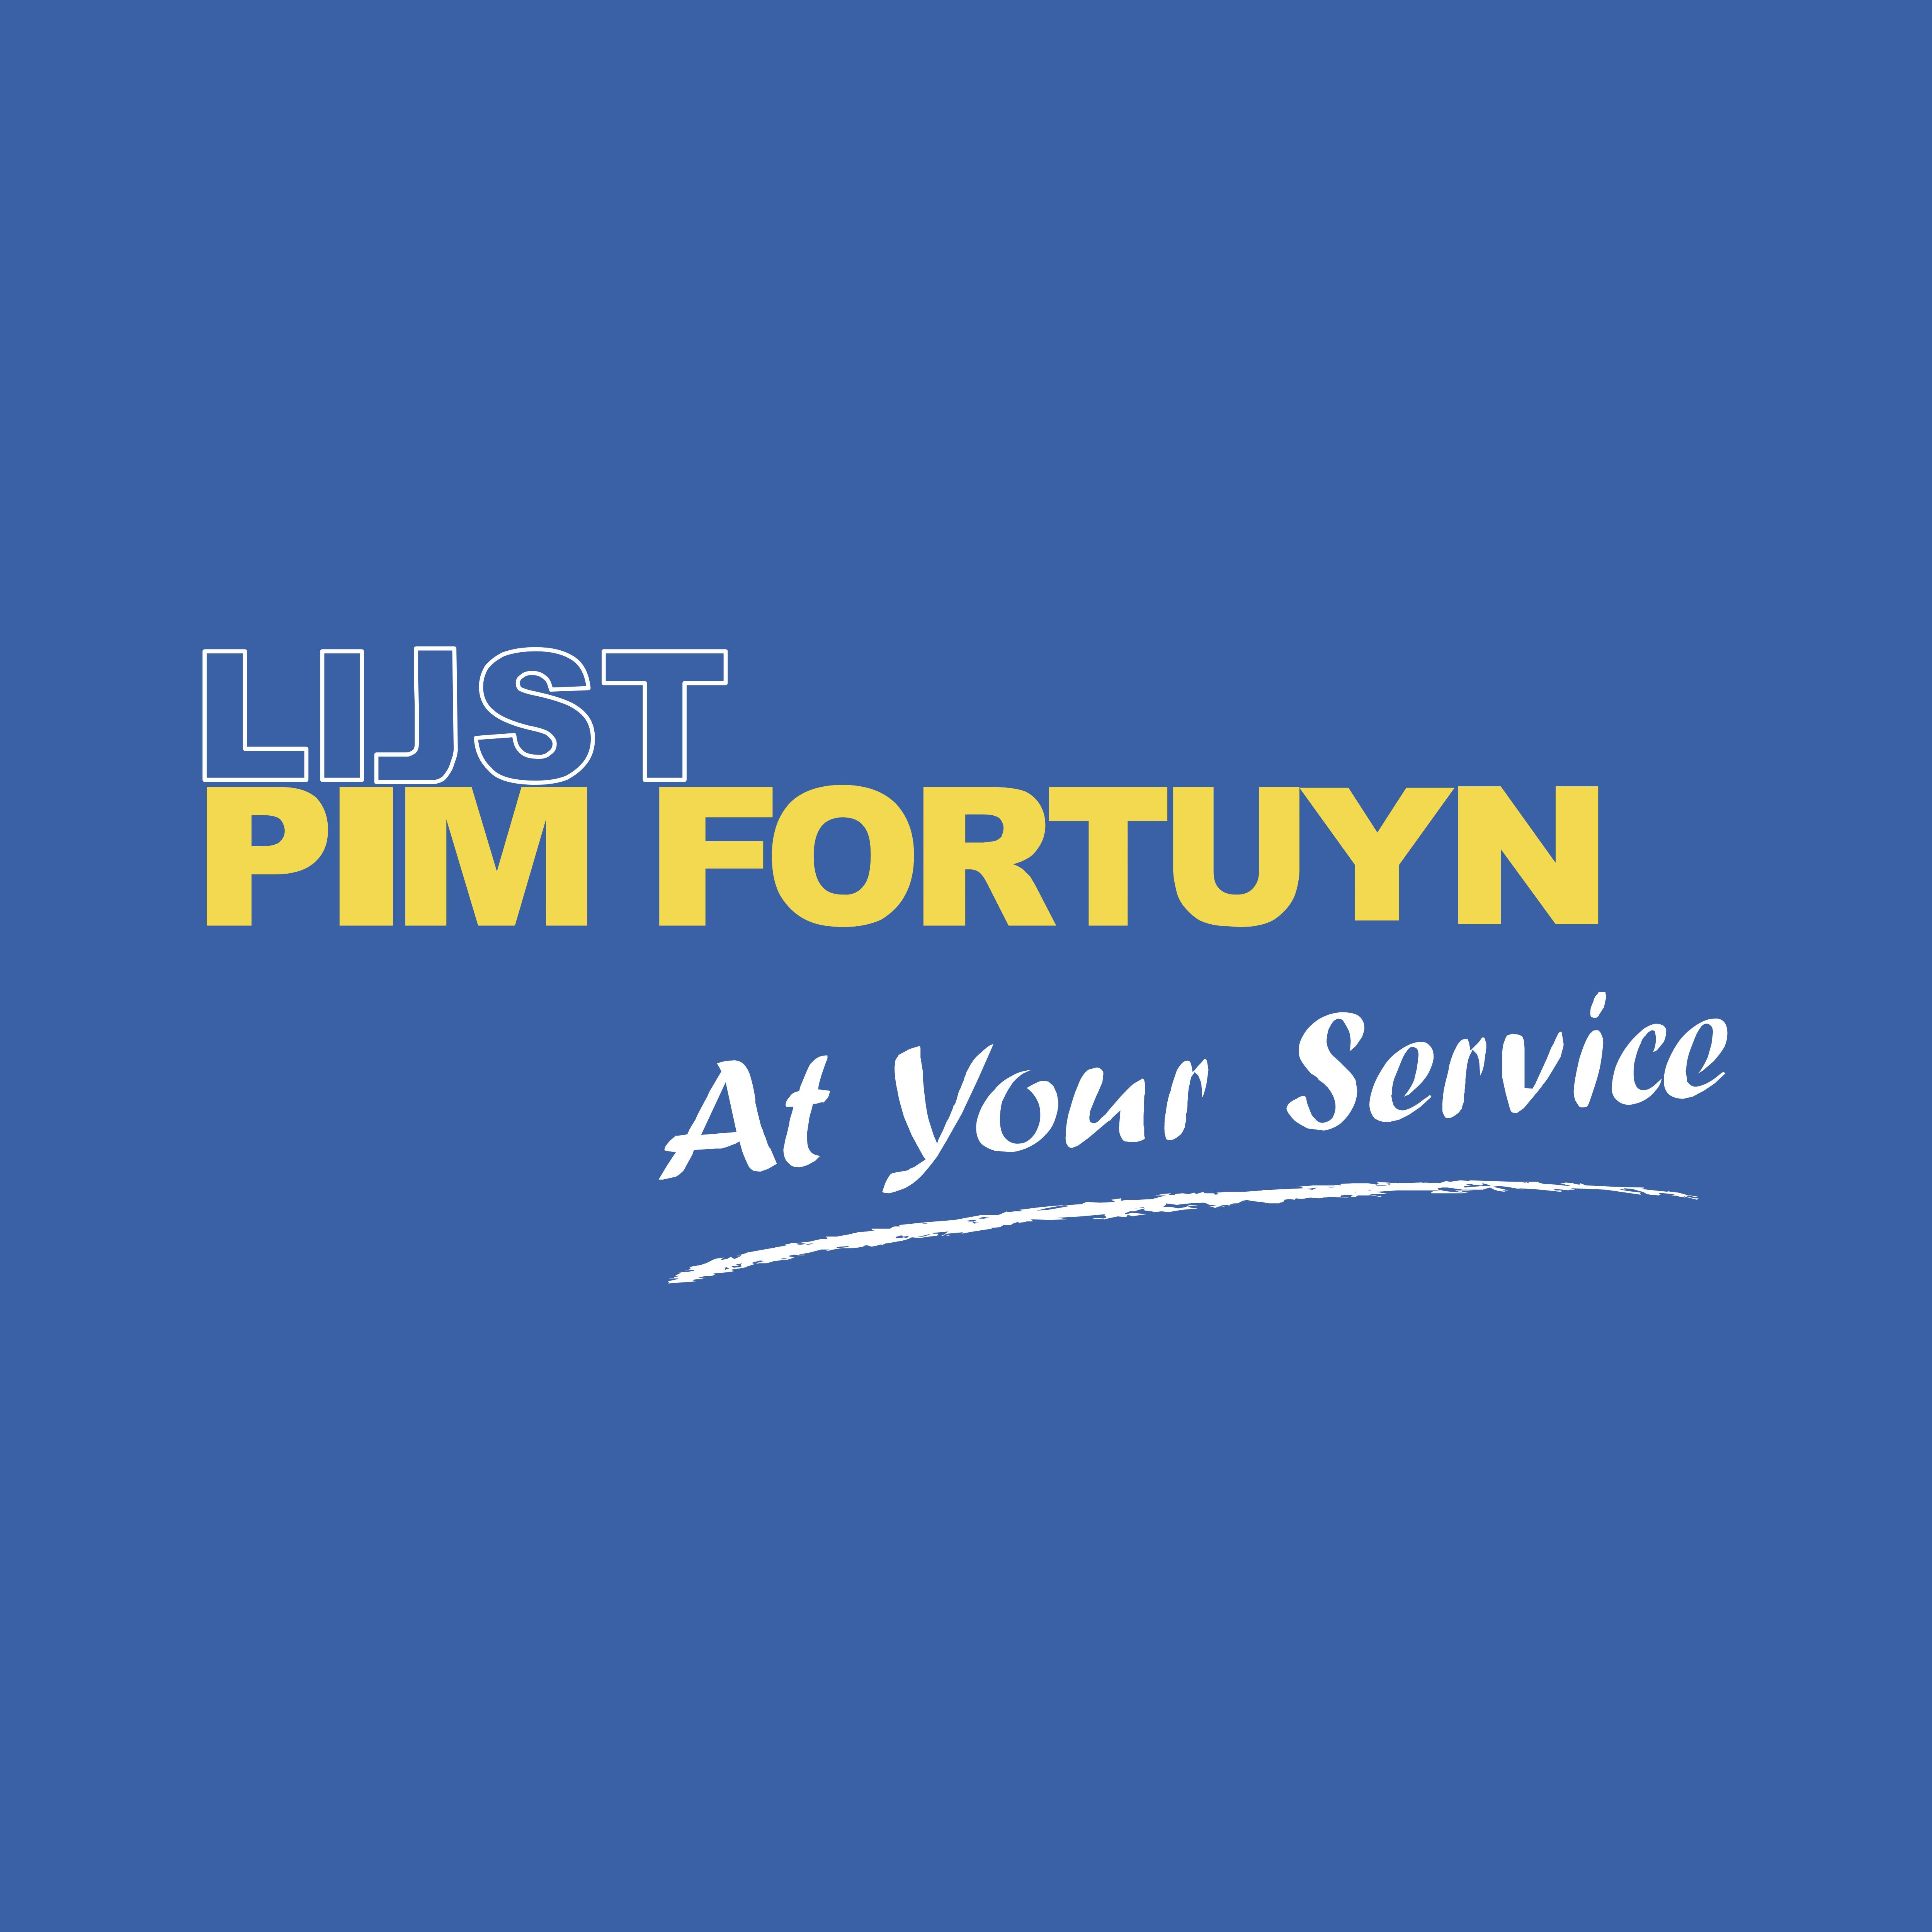 Lijst Pim Fortuyn Logos Download